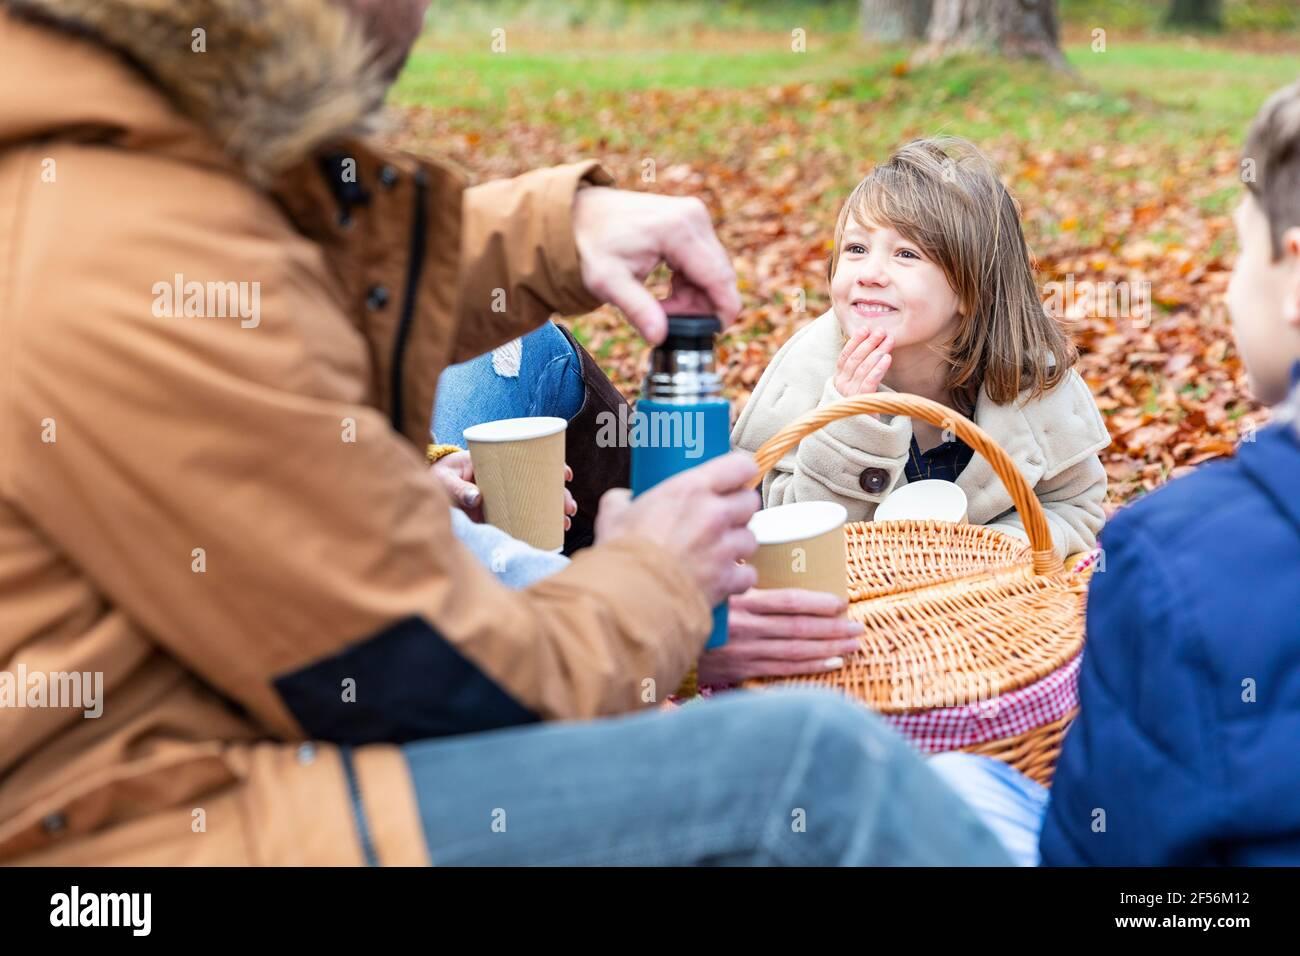 Fille souriant assis en famille dans la forêt Banque D'Images